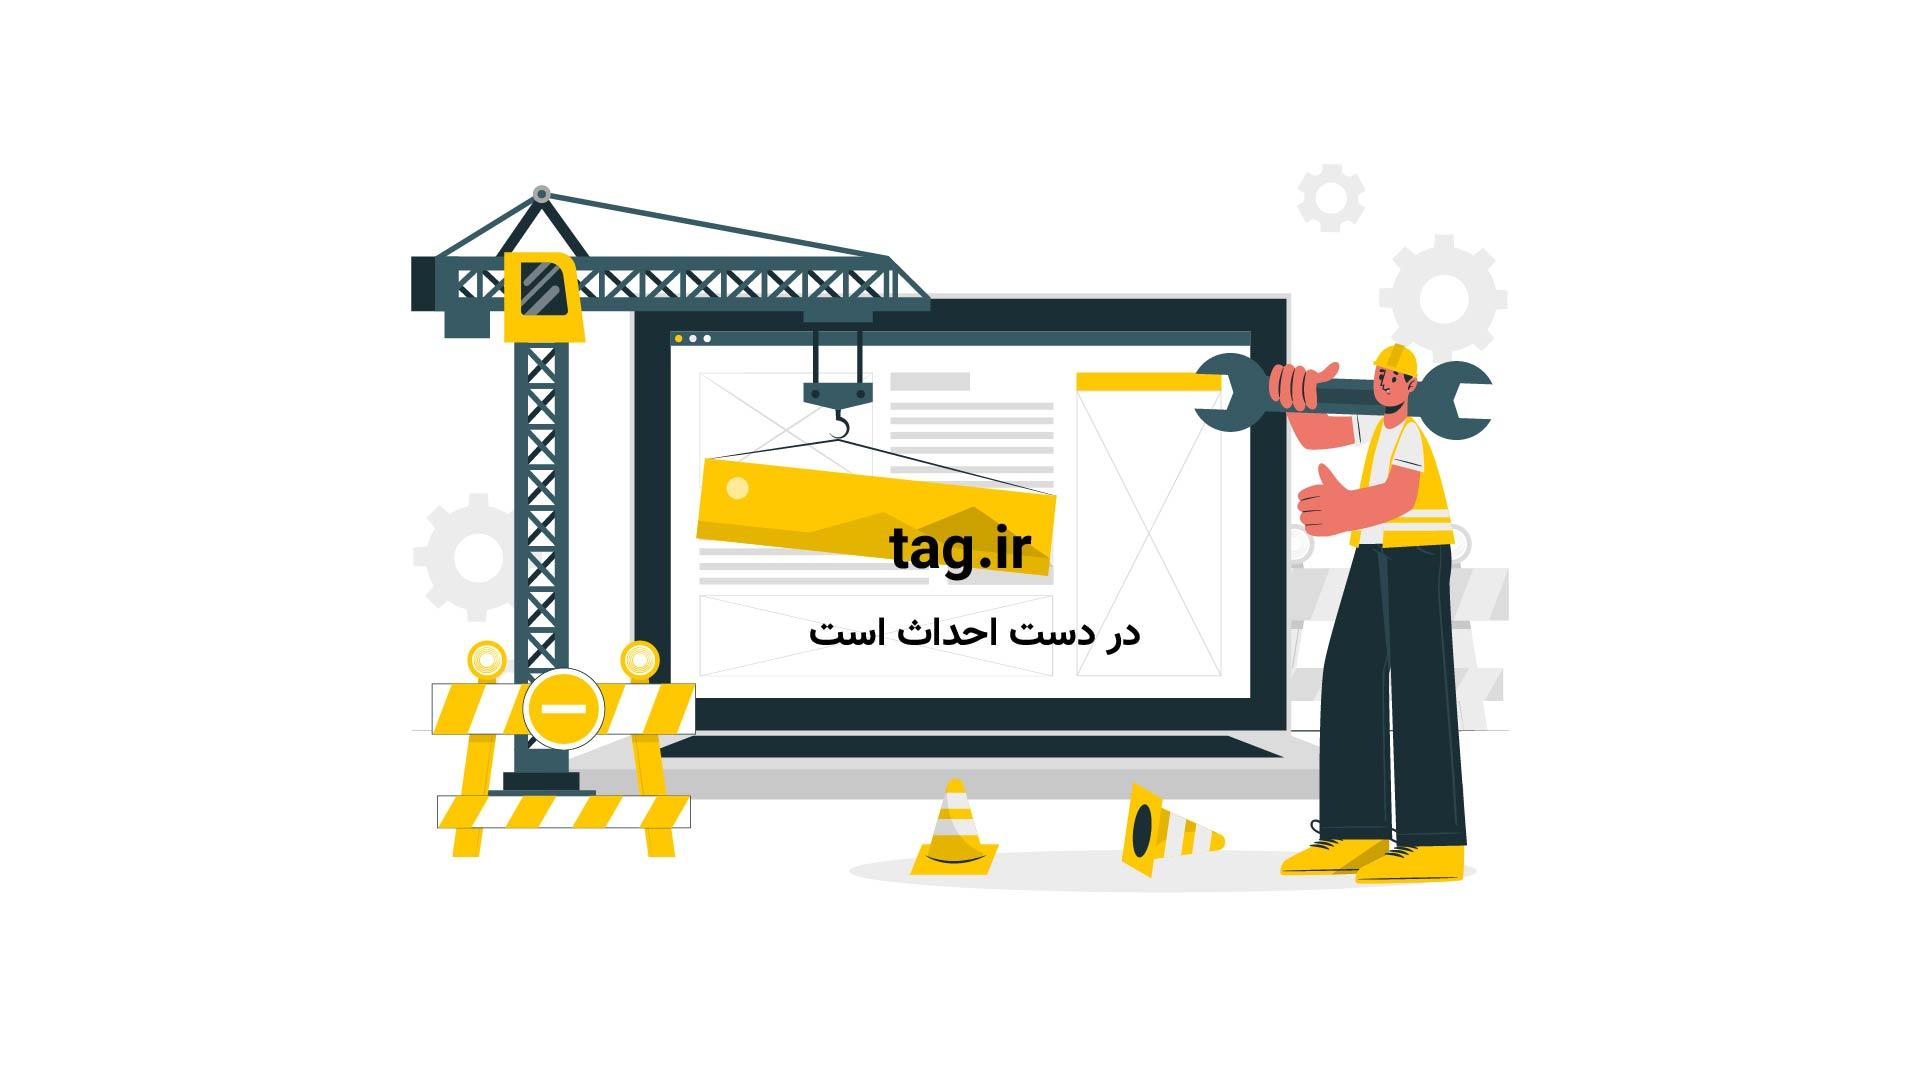 بازی تعطیلات جزیره شبیه ساز | فیلم